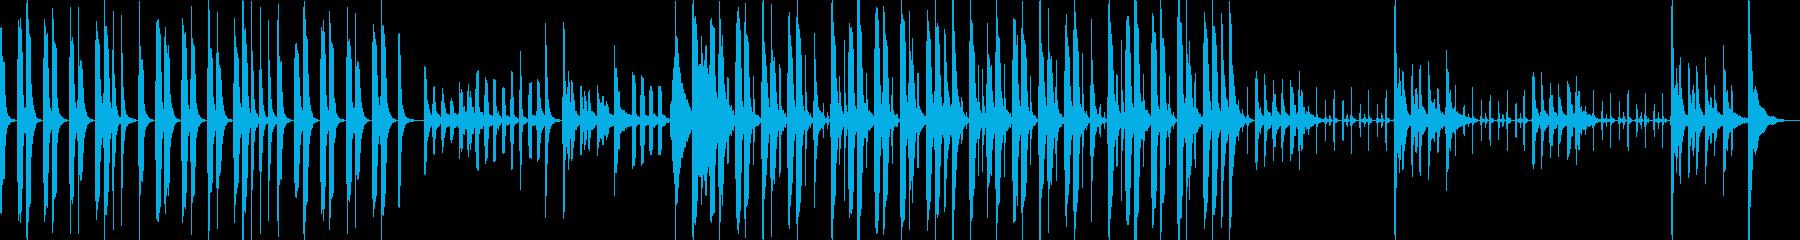 ピアノ・木琴などの静かめでコミカルな曲の再生済みの波形